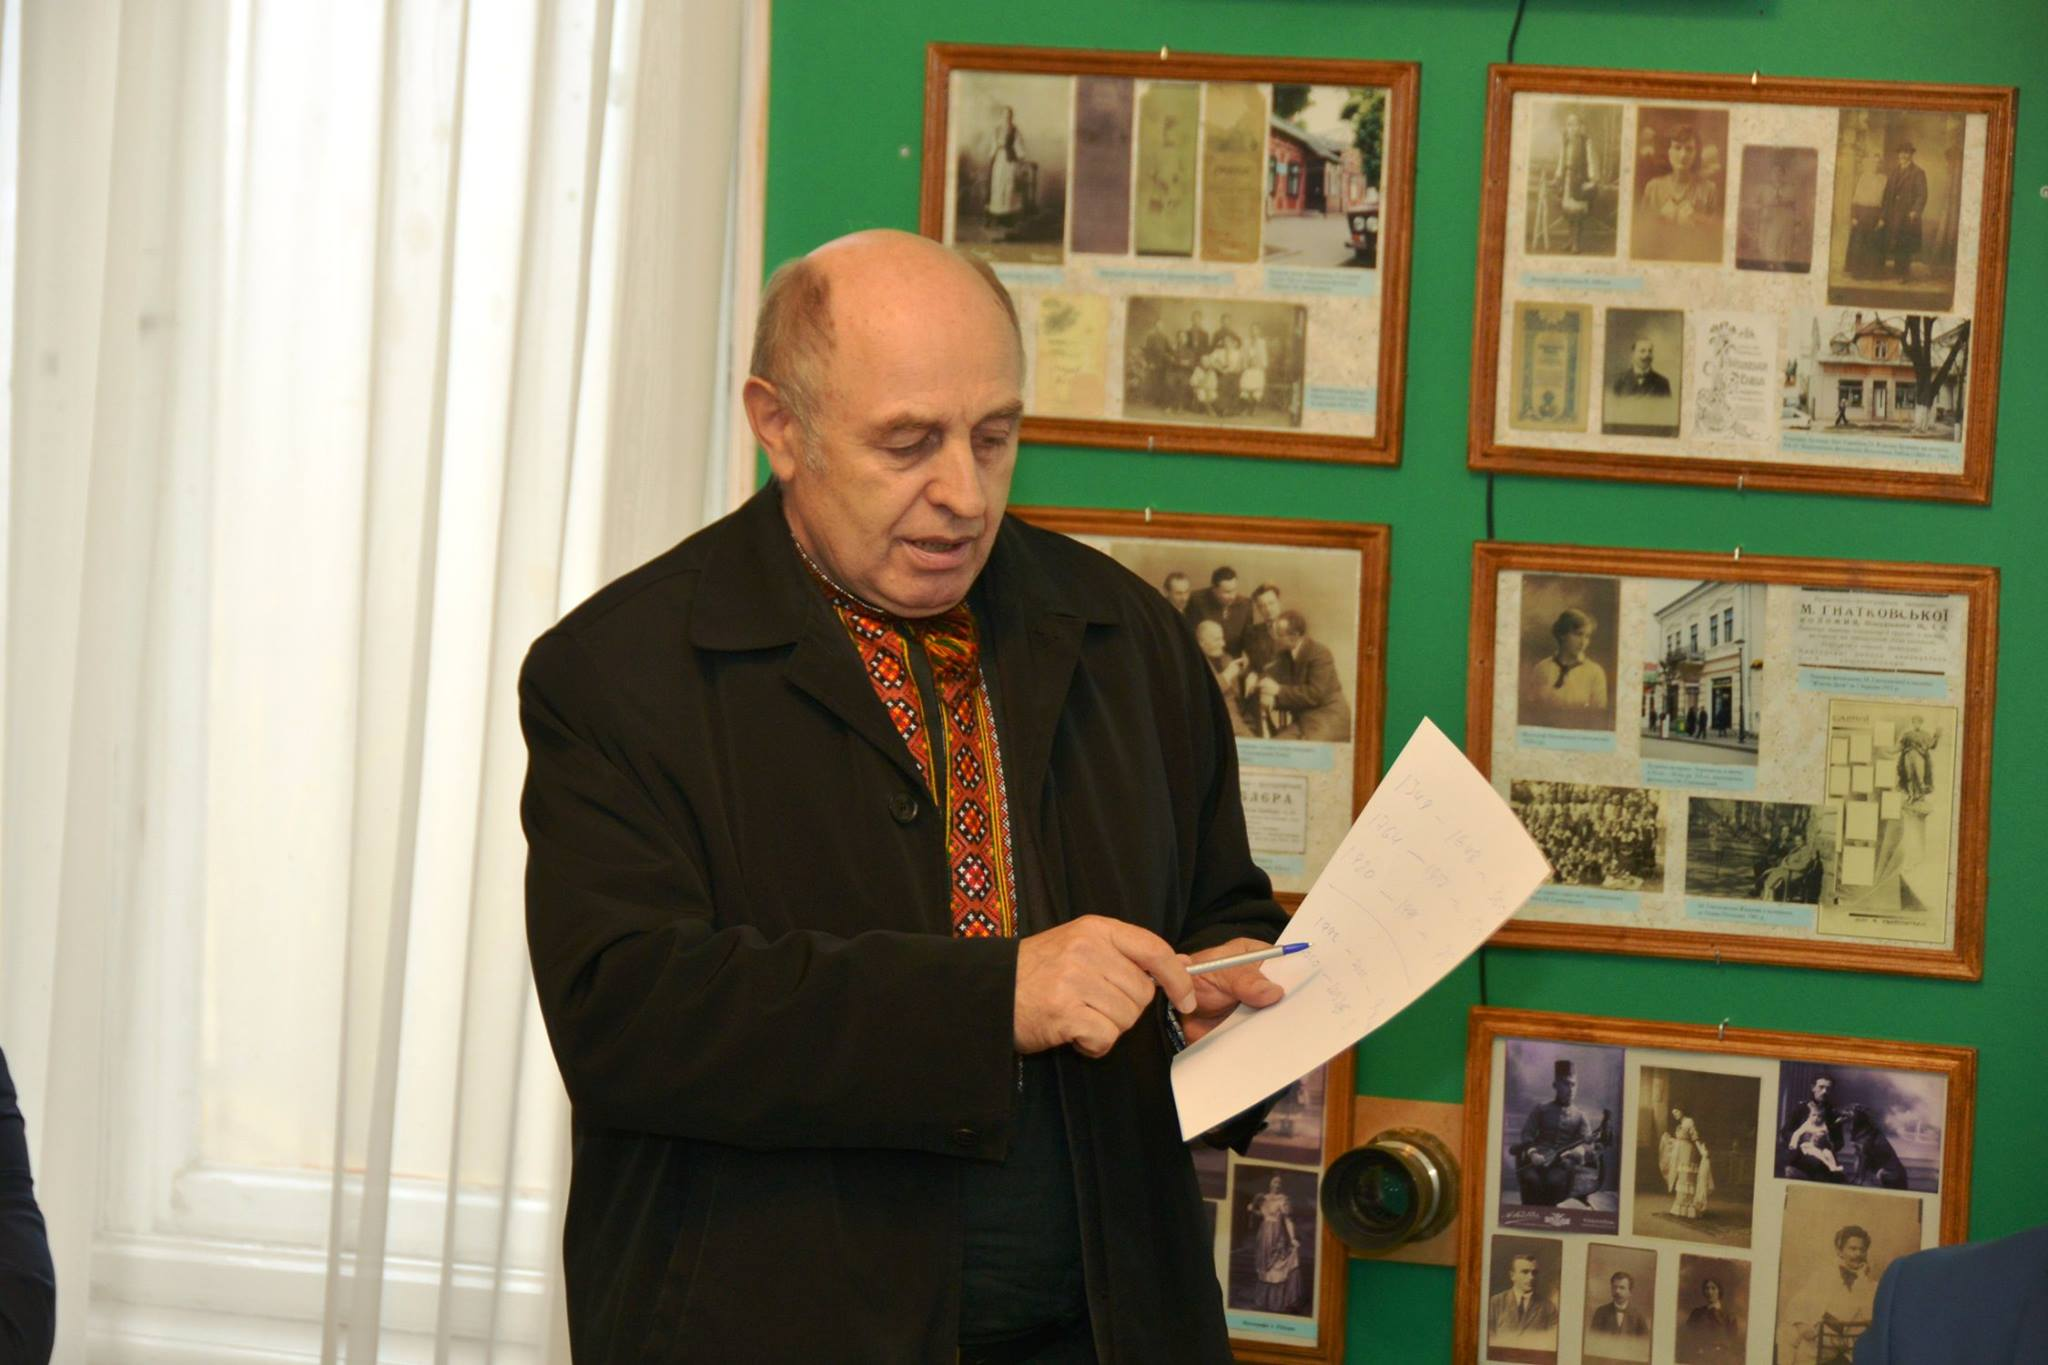 На фото - професор Сергійчук читає доповідь на фоні стендів з фотографіями. Він одягнений у темний піджак та вишиту червоними нитками сорочку